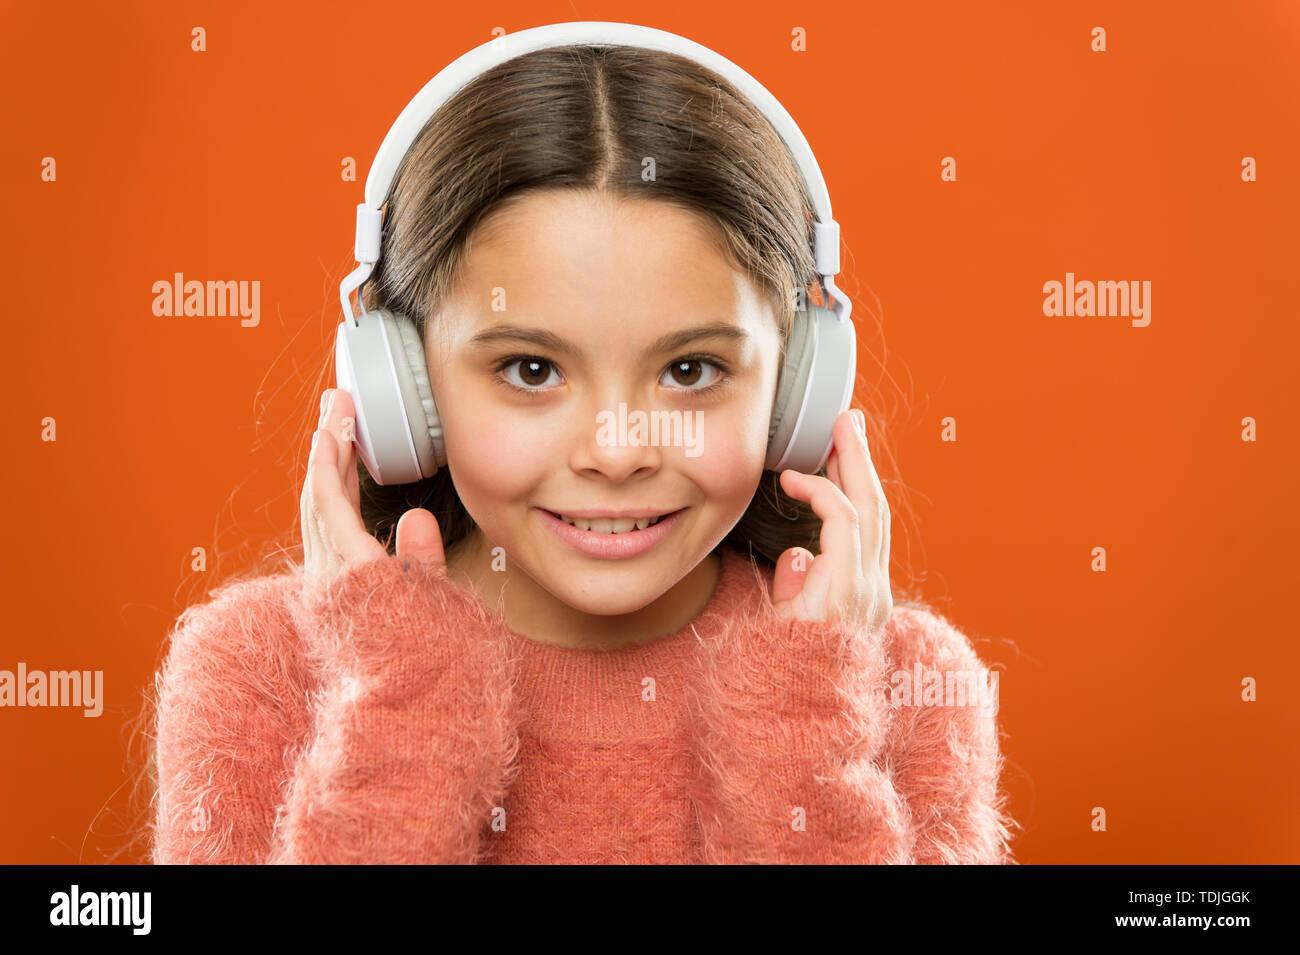 Musica moderna è il suo stile di vita e di piacere. Poco ragazza moderna indossando le cuffie bluetooth. Piccolo bambino ascoltando la musica nella vita di tutti i giorni. Utilizzando le moderne tecnologie nella vita quotidiana. La vita moderna. Immagini Stock